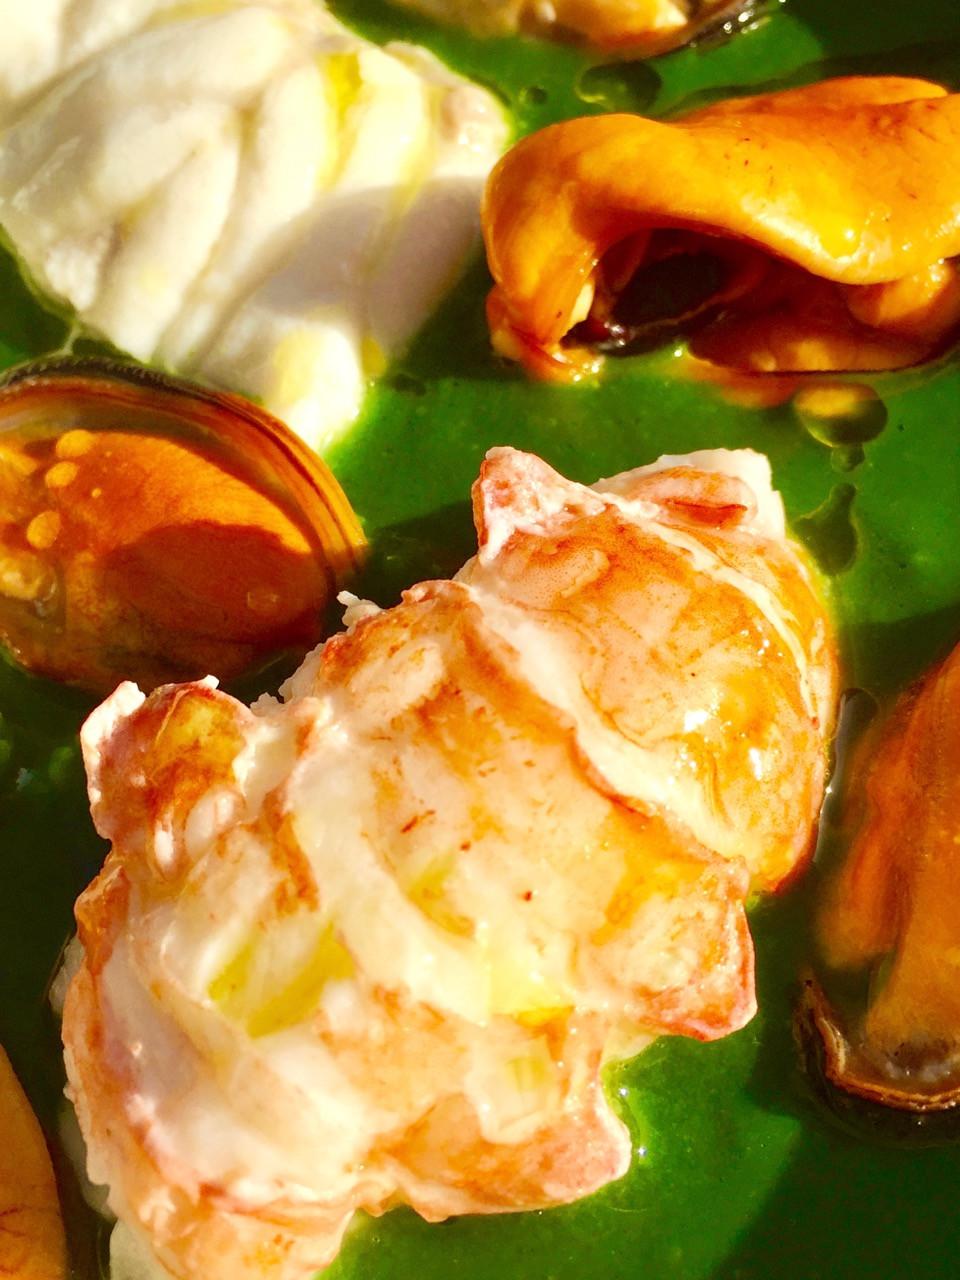 Misto di pesce bollito su vellutata di spinaci allo zenzero - Boiled fish mixed on velvet spinach with ginger